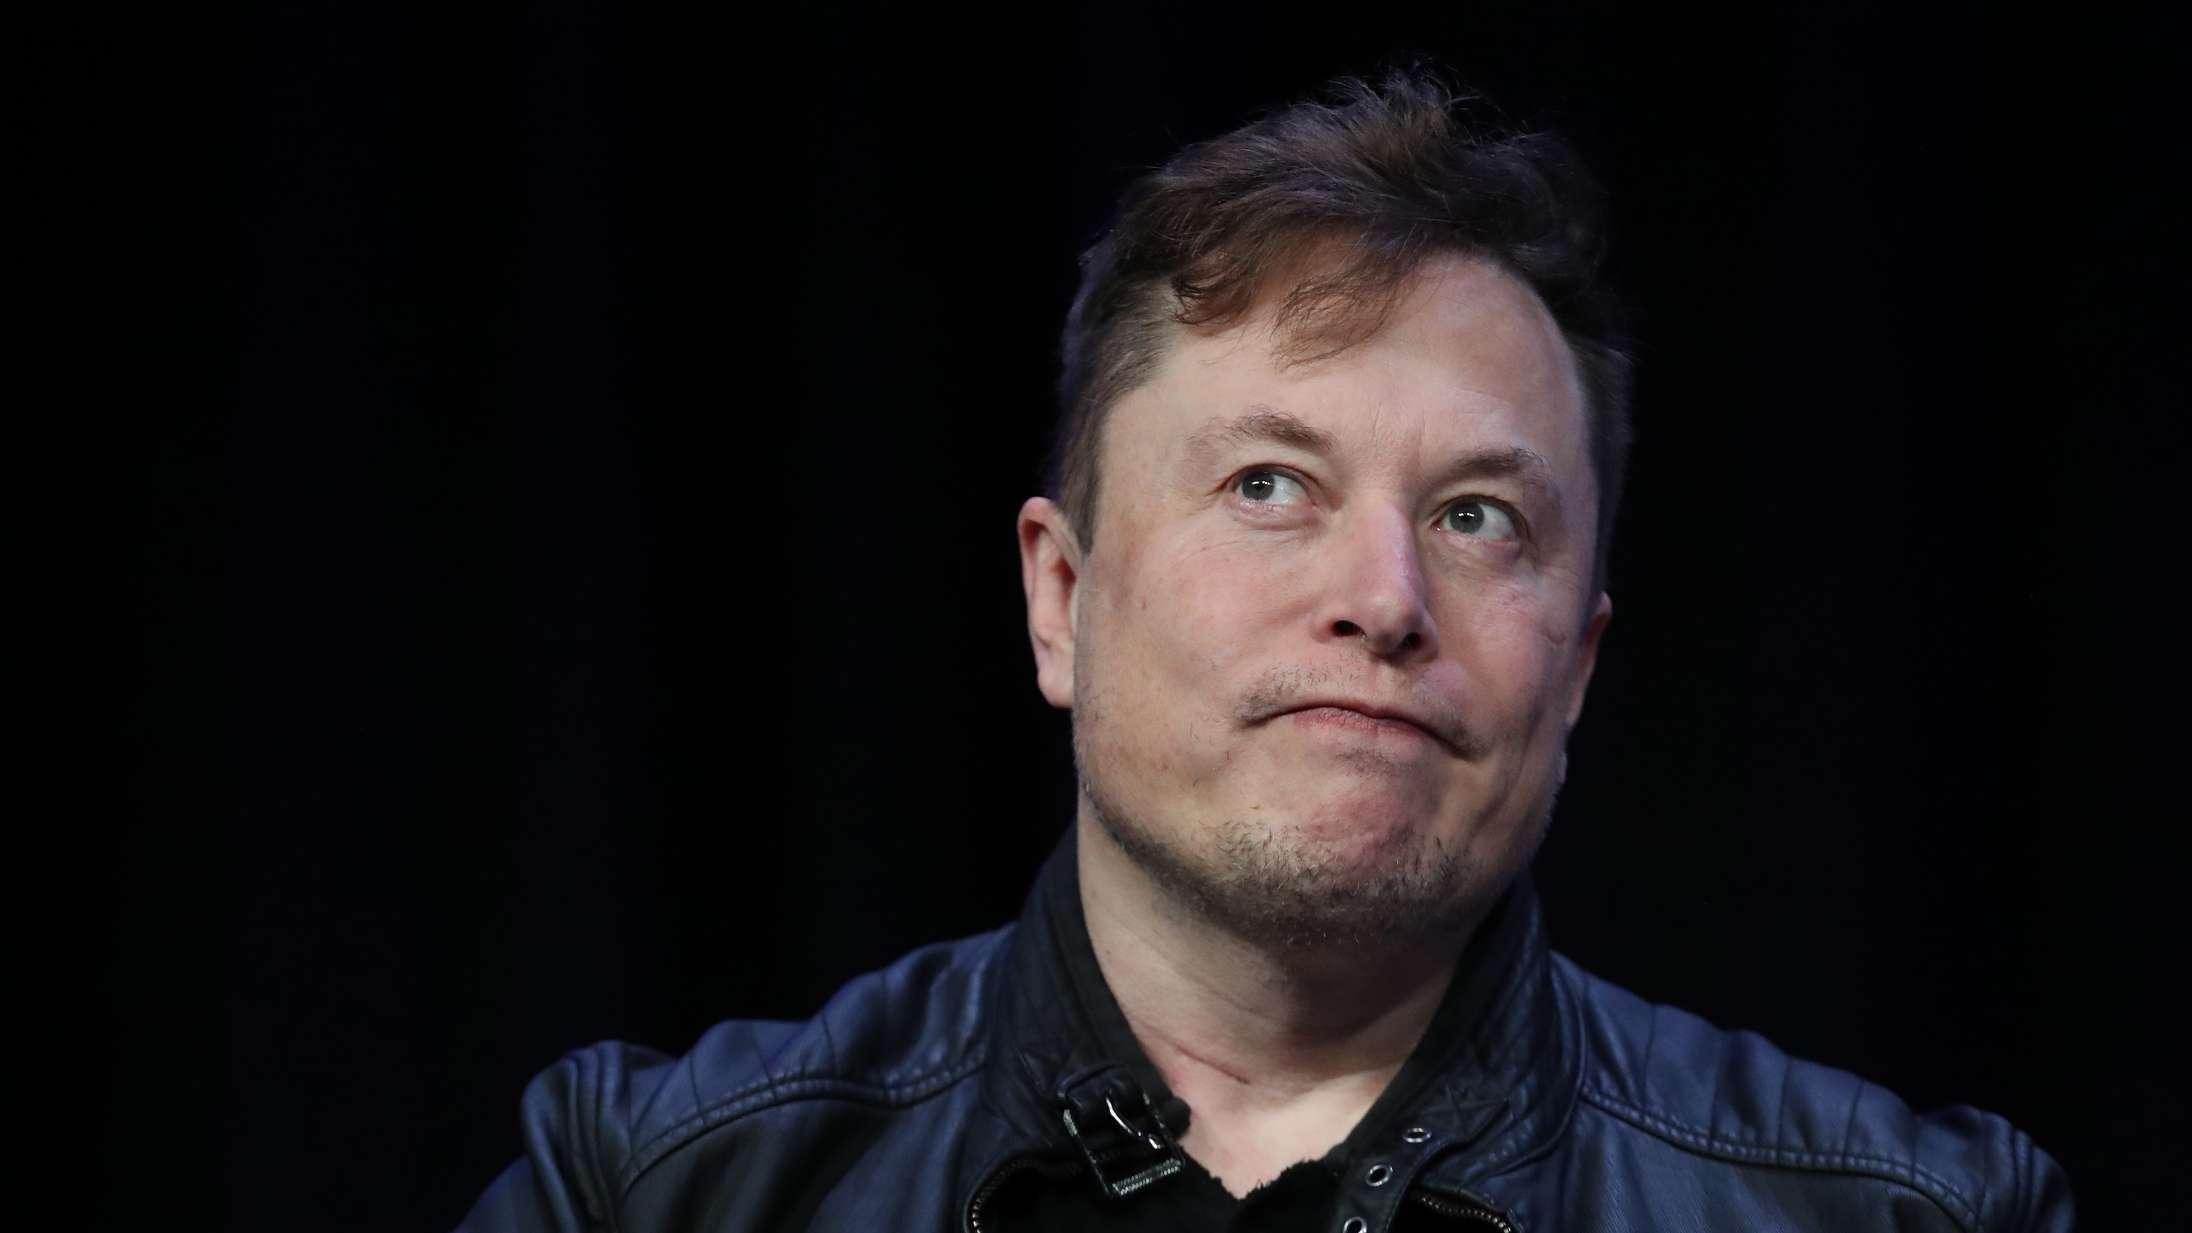 Elon Musk er ikke længere direktør for Tesla – nu er hans titel 'Technoking'